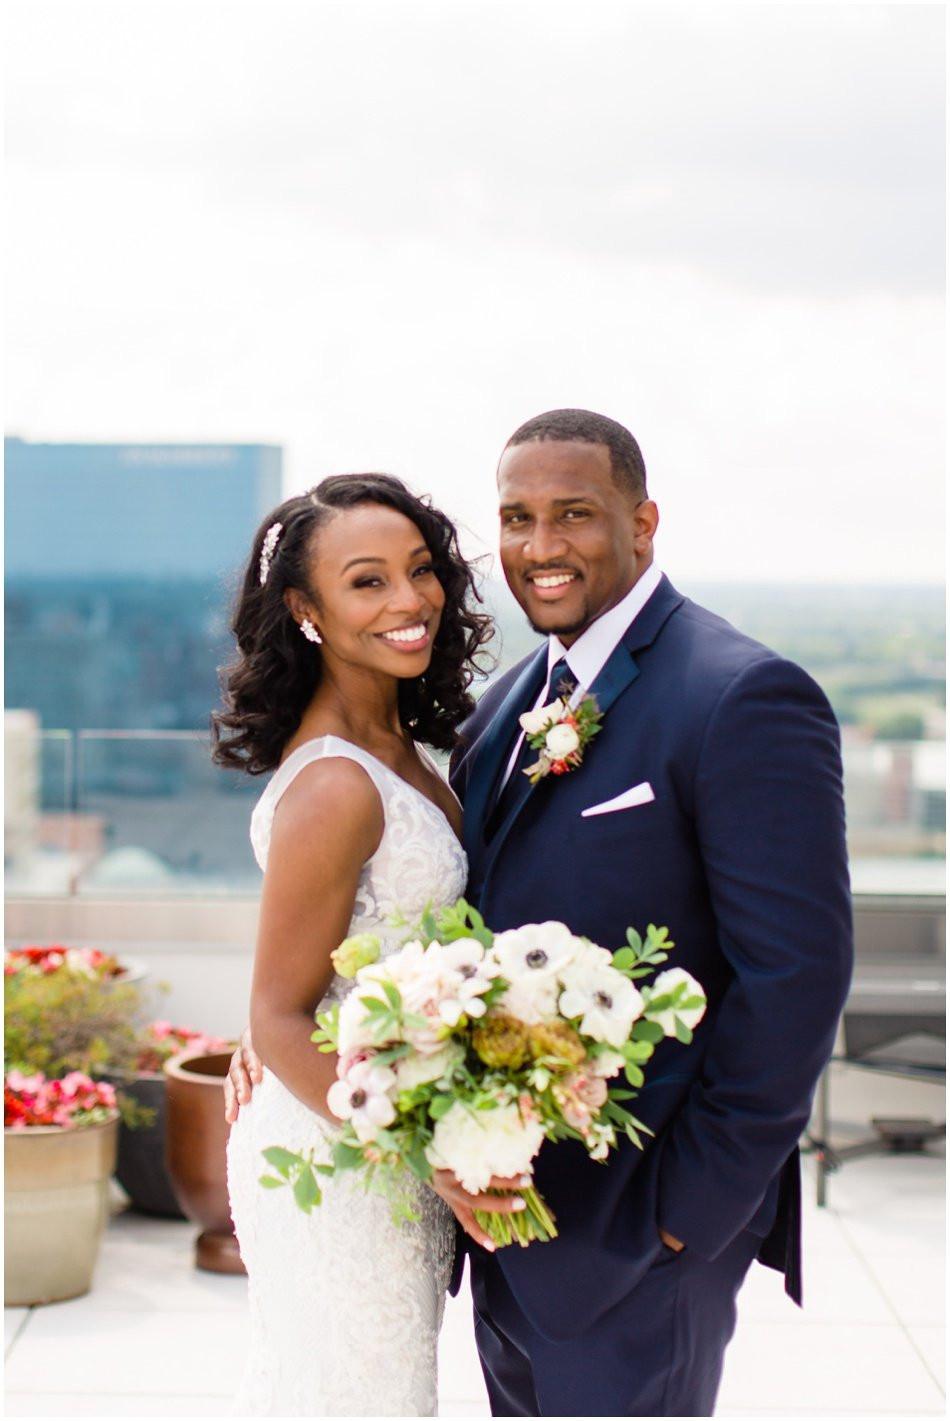 Indianapolis Wedding Coordination